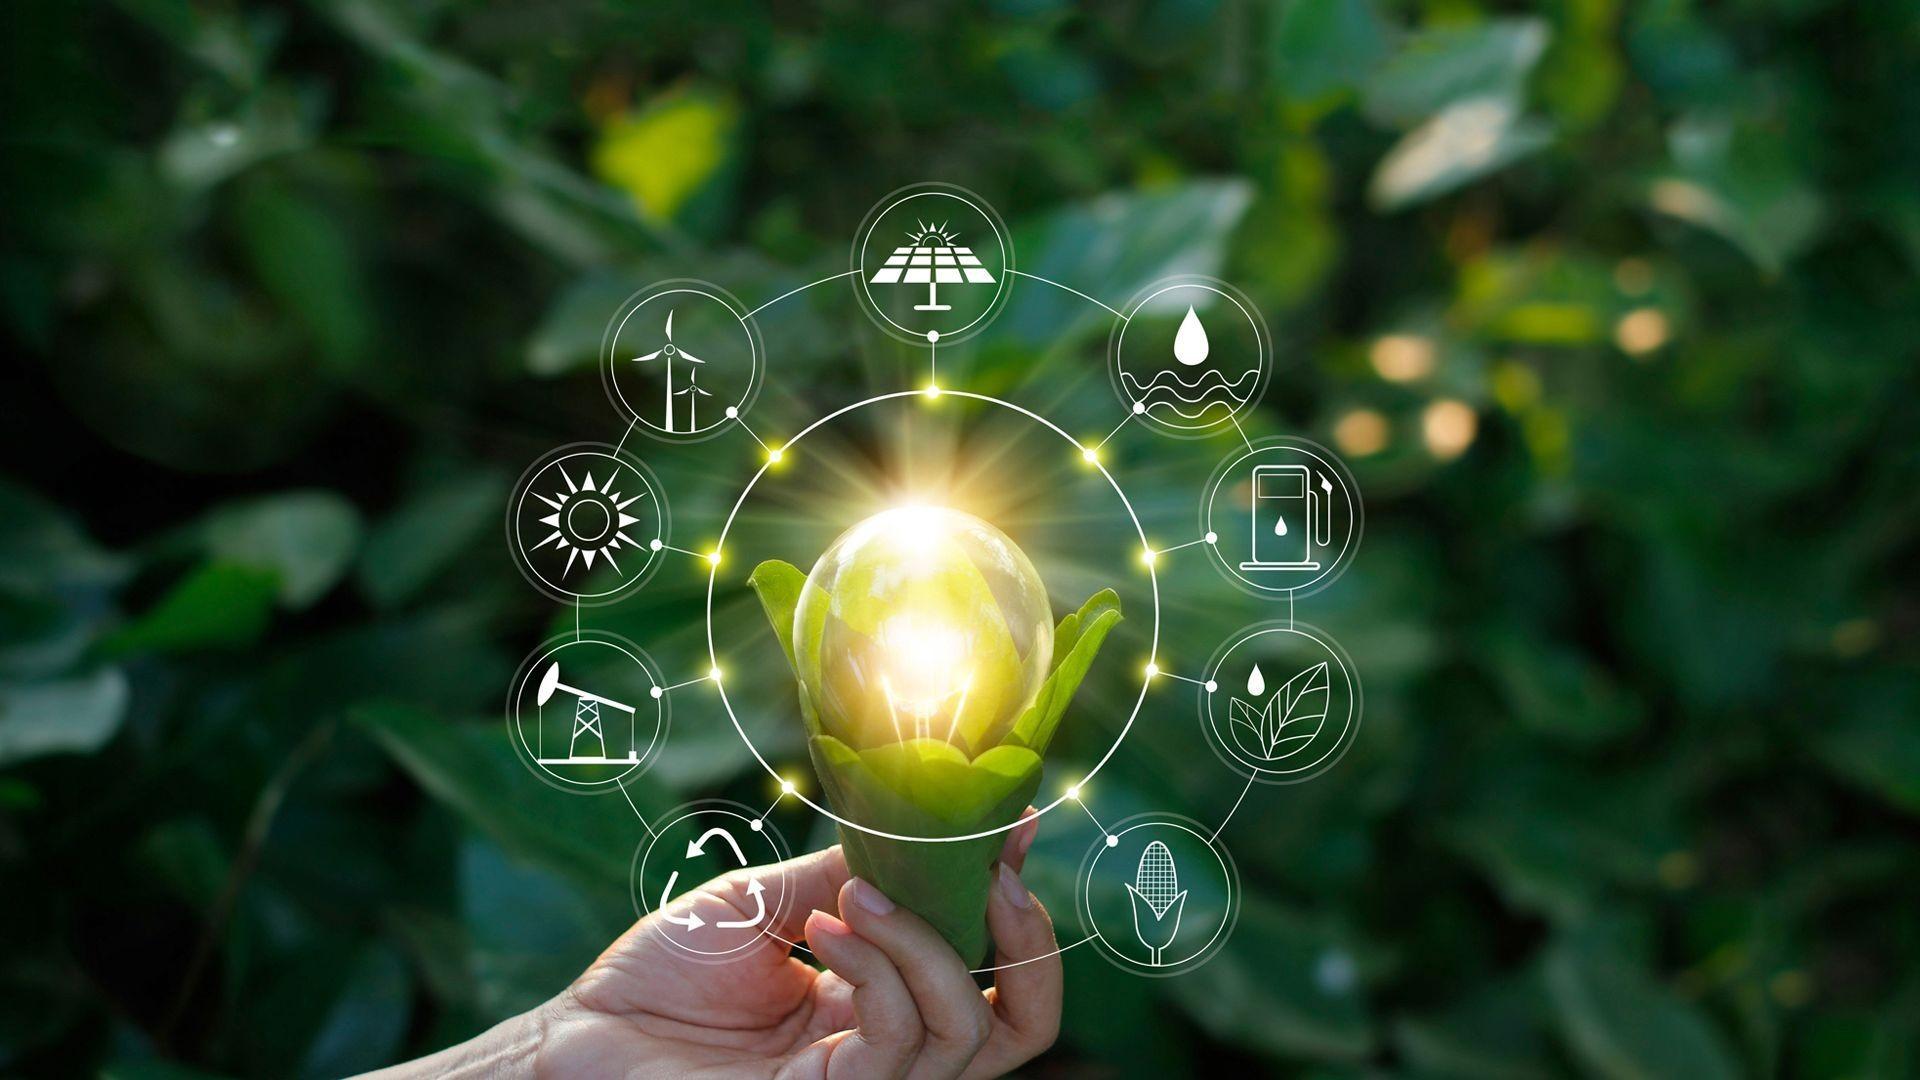 Servicios energéticos e instalaciones eléctricas en Gijón